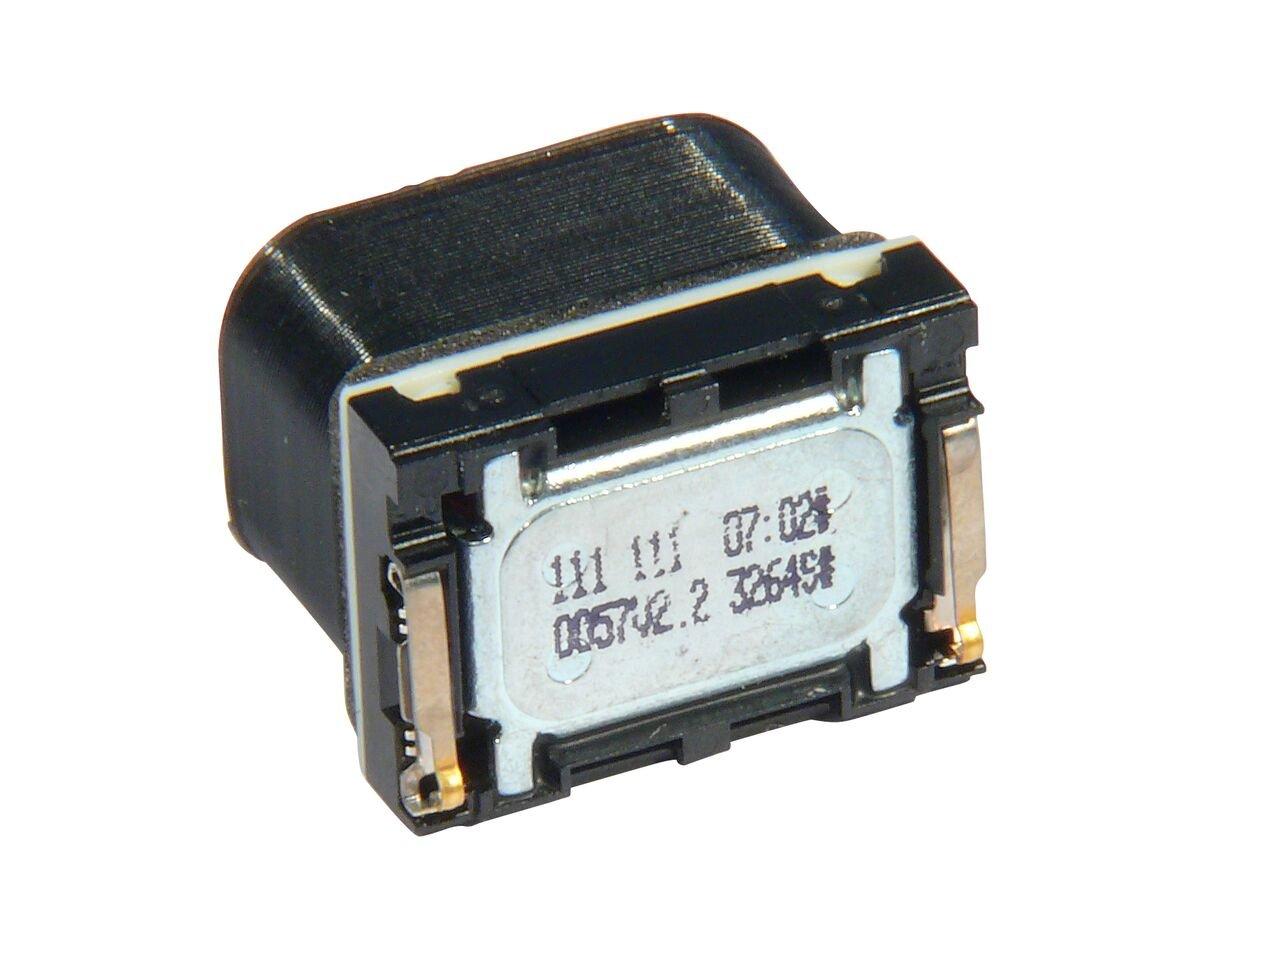 Zimo LS13X18 Miniatur-Rechteck-Lautsprecher 13x18x13 mm  8 Ohm /1 W Fabrikneu